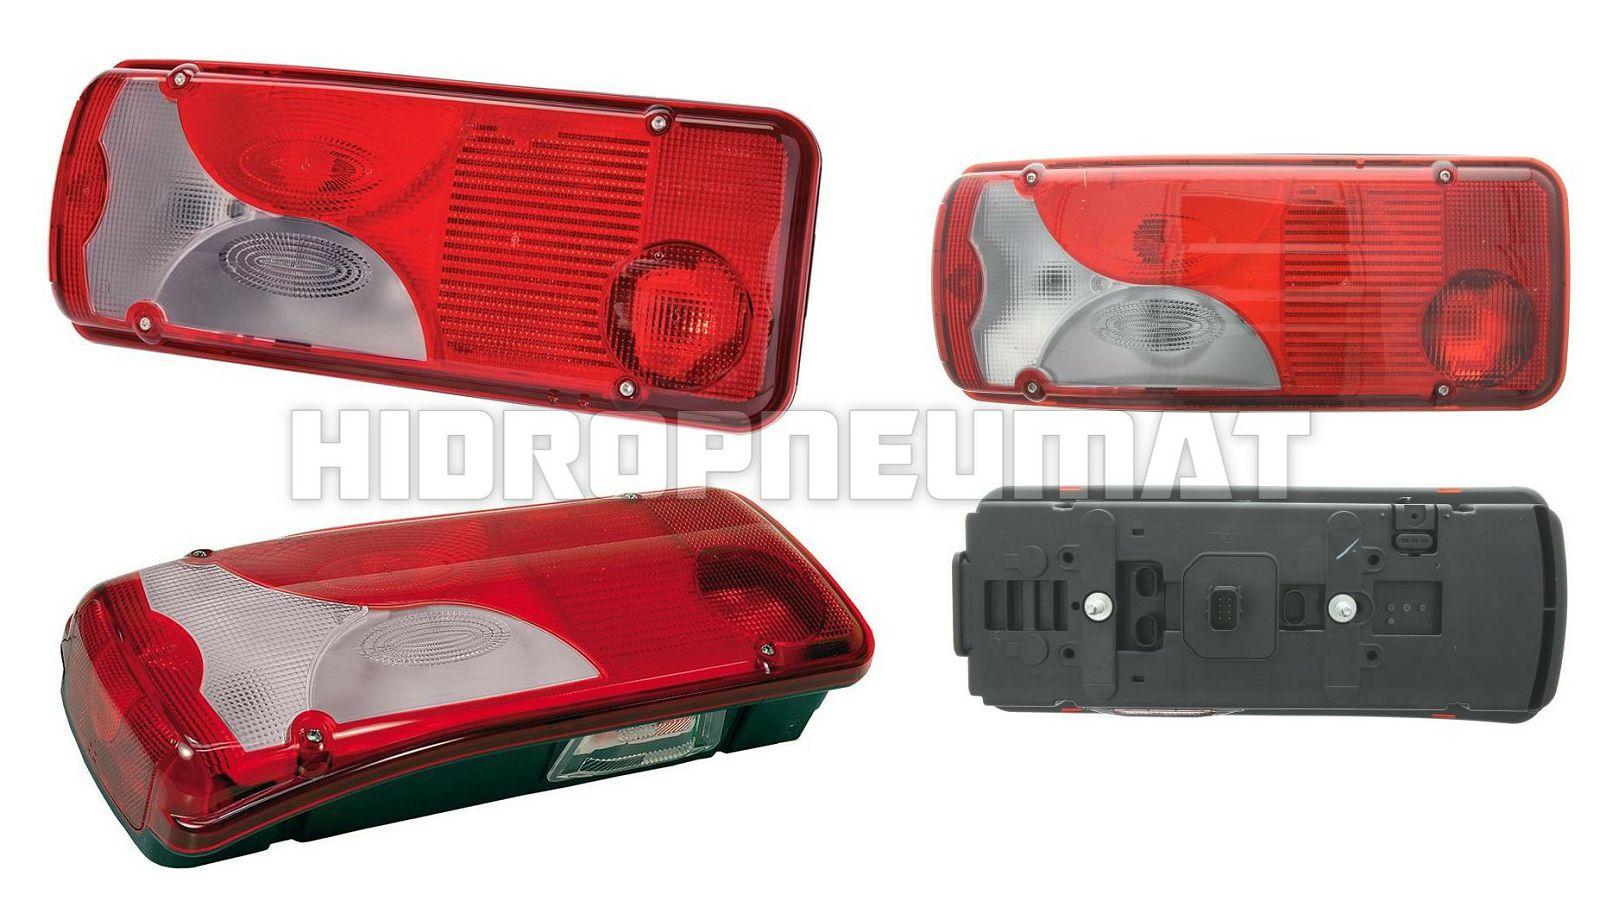 stop-lampa-iveco-stralis-trakker-12-24v-lijeva-vignal-125434_1.jpg